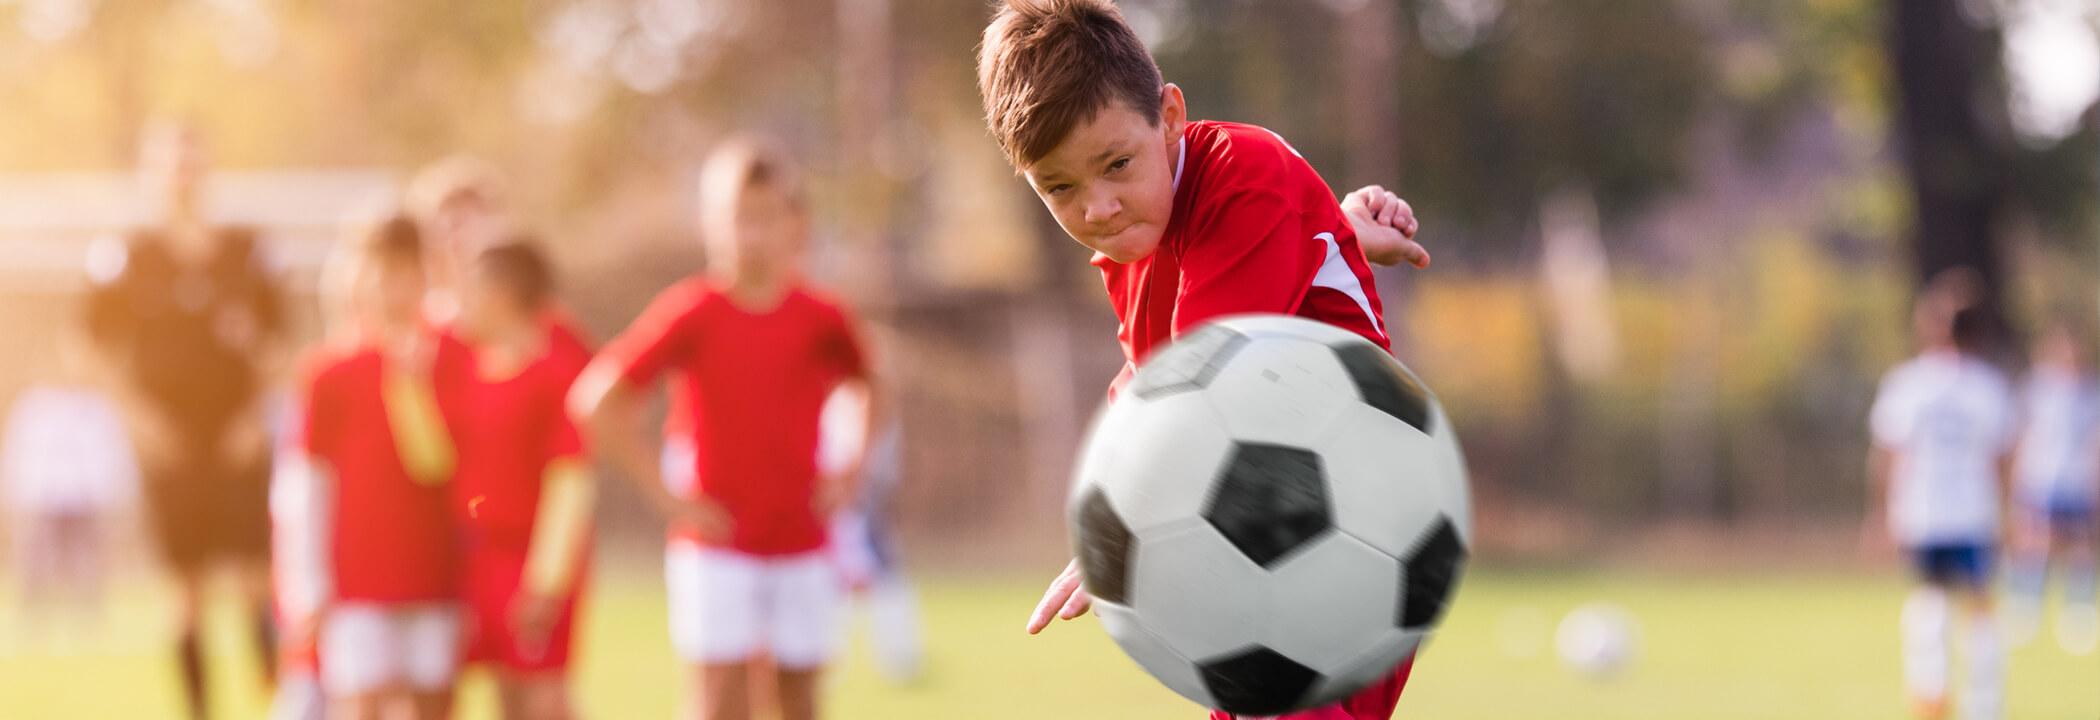 sports-vision-training-children-soccer_CROP